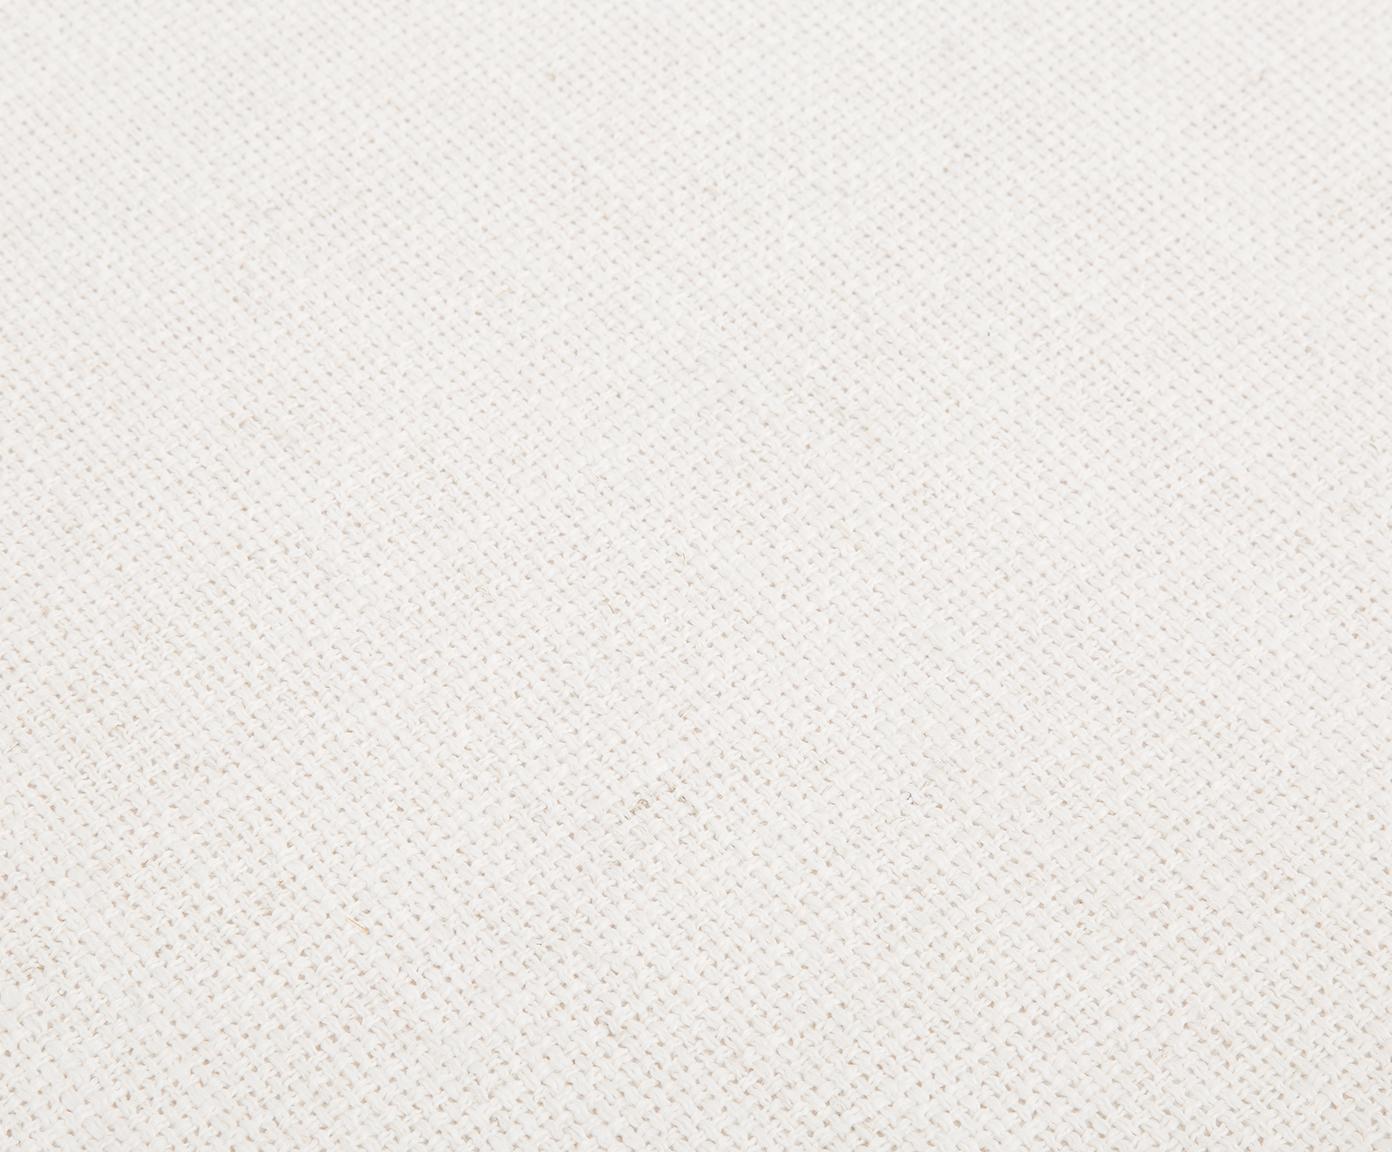 Ławka Beverly, Tapicerka: poliester Tkanina o odpor, Stelaż: drewno eukaliptusowe, Nogi: metal malowany proszkowo, Odcienie kremowego, S 110 x W 46 cm